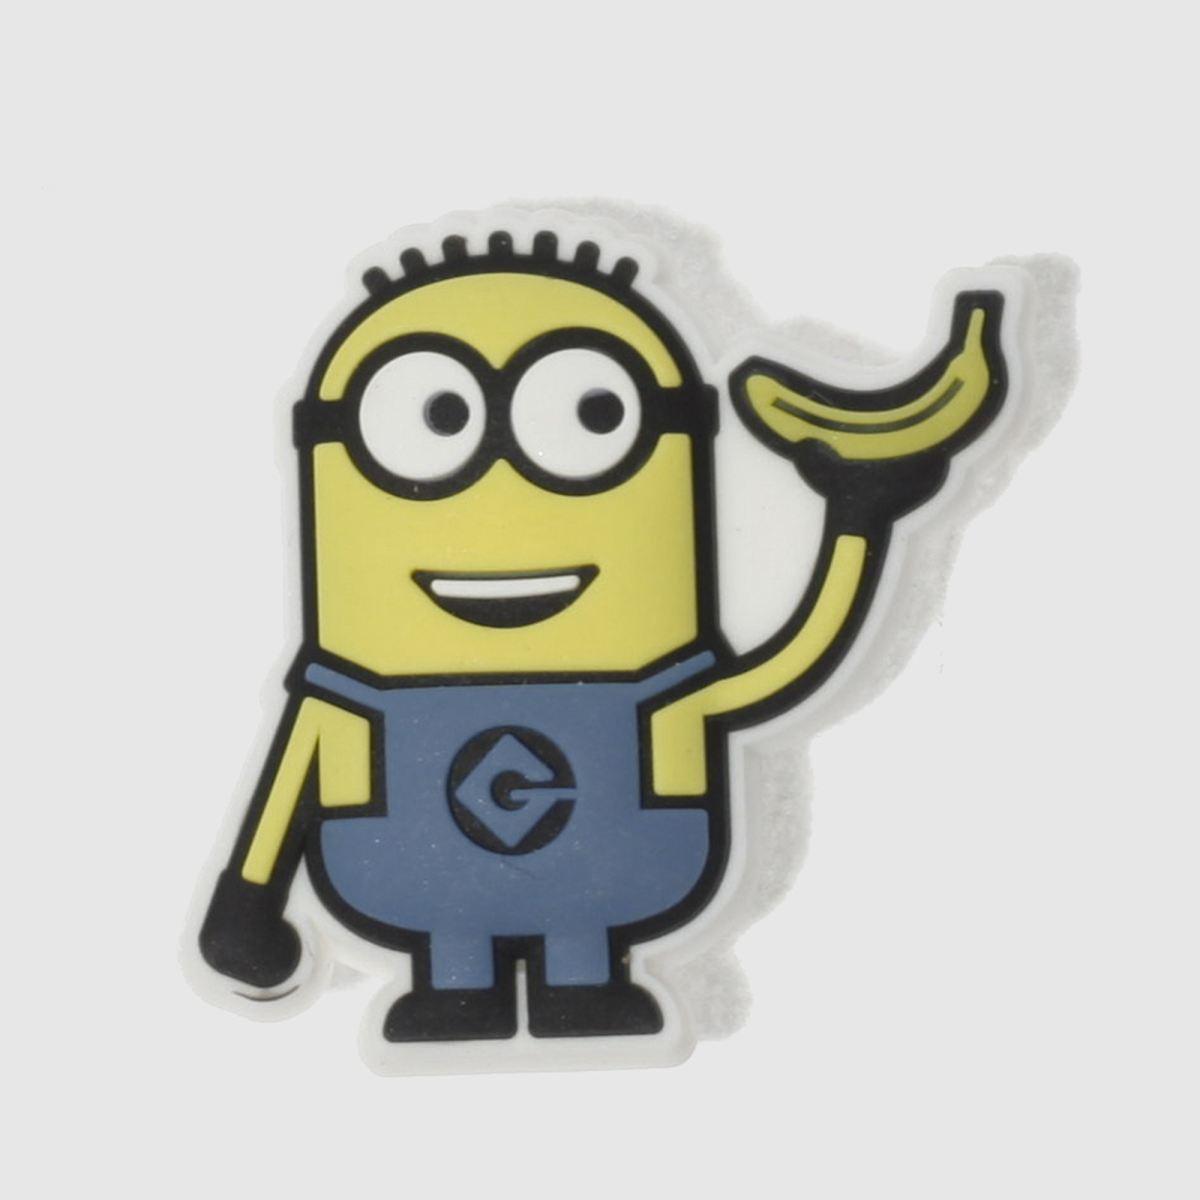 jibbitz Jibbitz Yellow Minions Banana